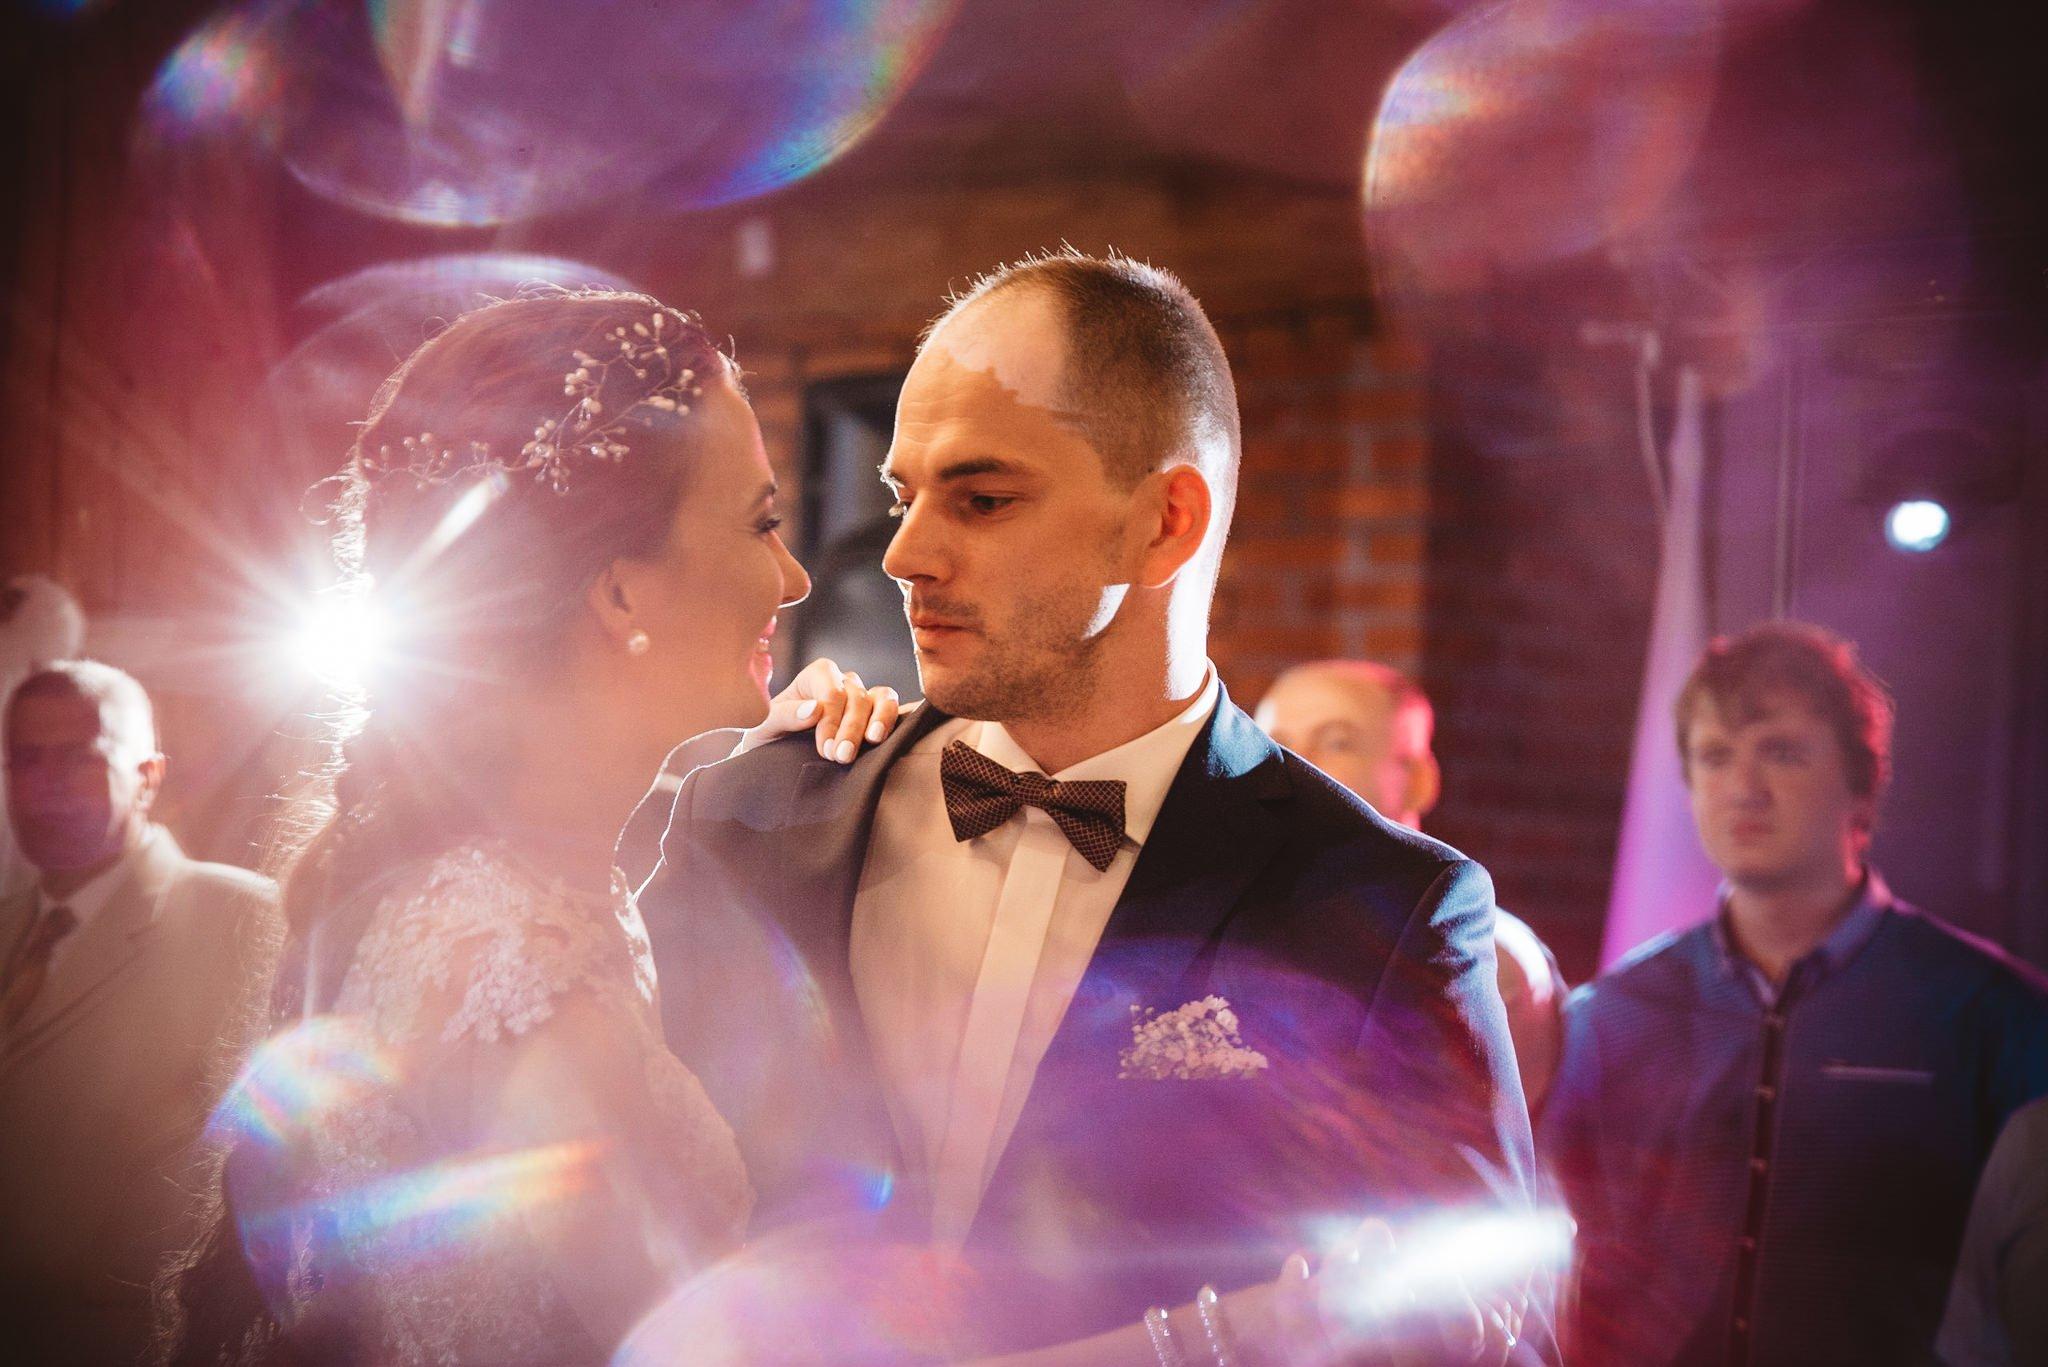 Ala i Arek, czyli jak zorganizować ślub i wesele w 4 tygodnie! 195